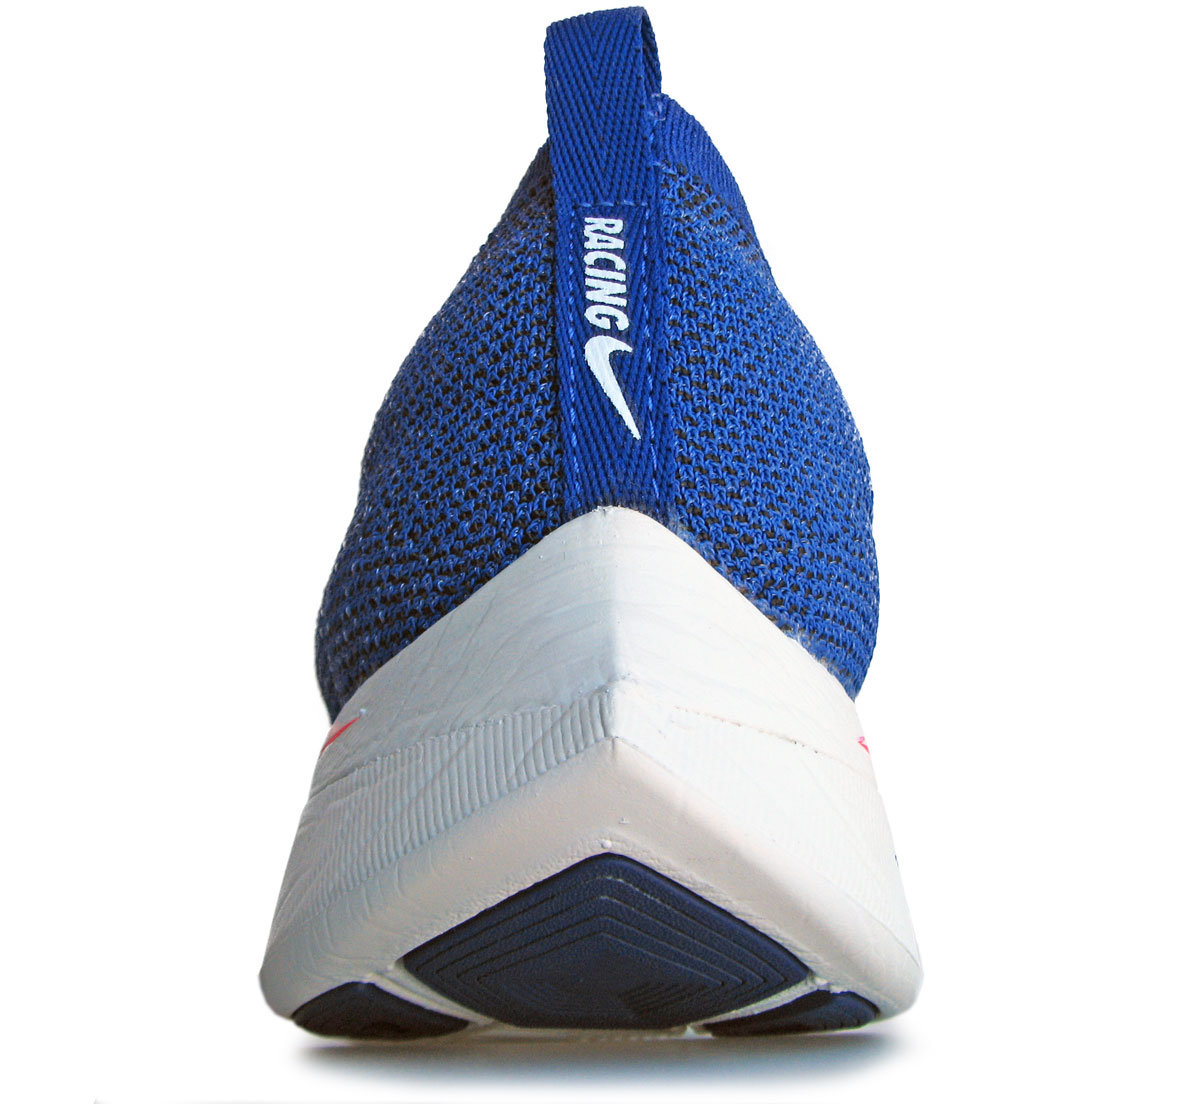 Nike_Vaporfly_4%_Flyknit_heel_spring